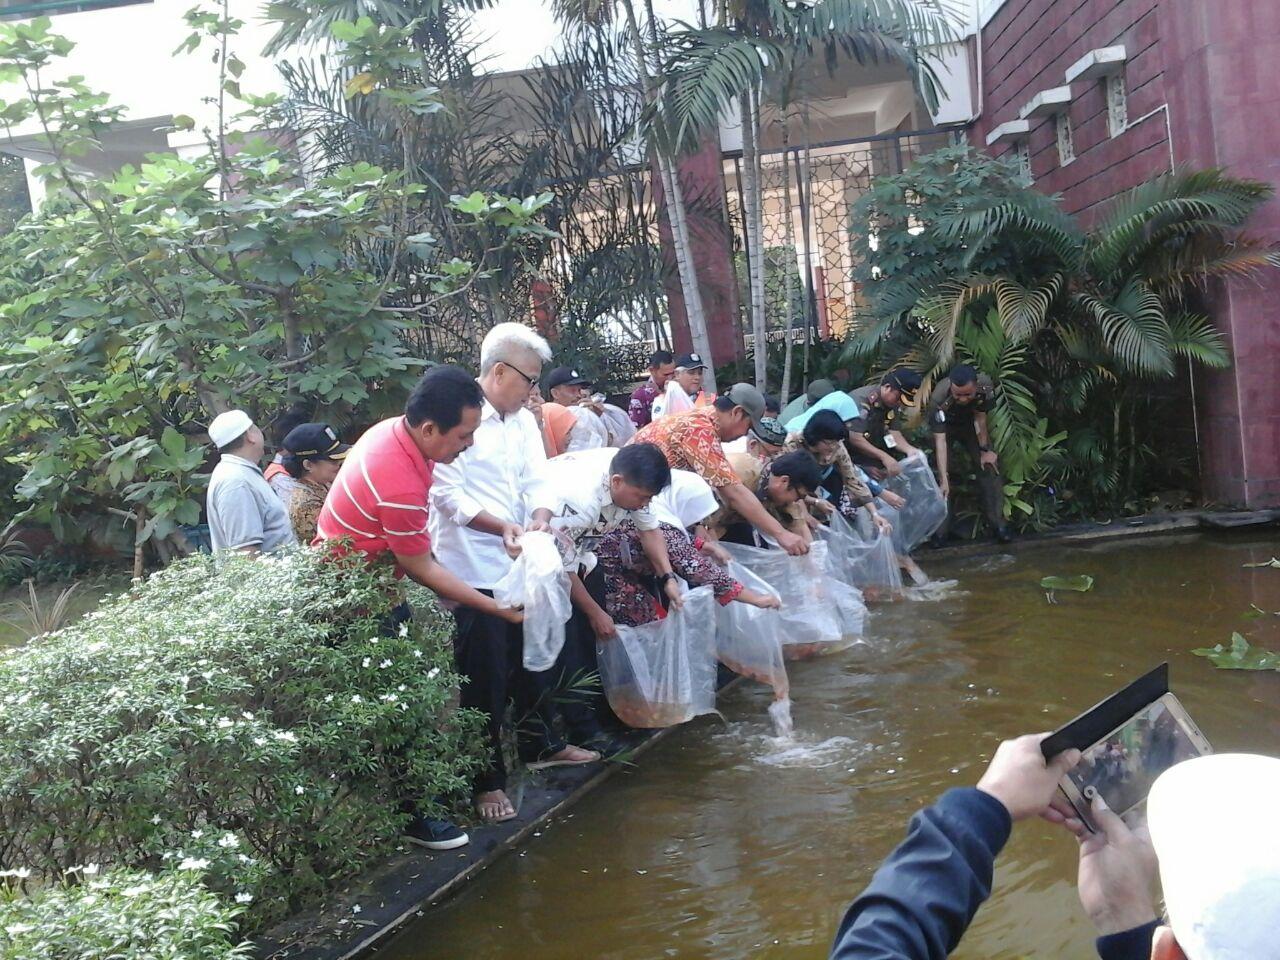 25 Ribu Benih Ikan Disebar di Kolam Masjid Akbar Kemayoran, Yuk Dipancing